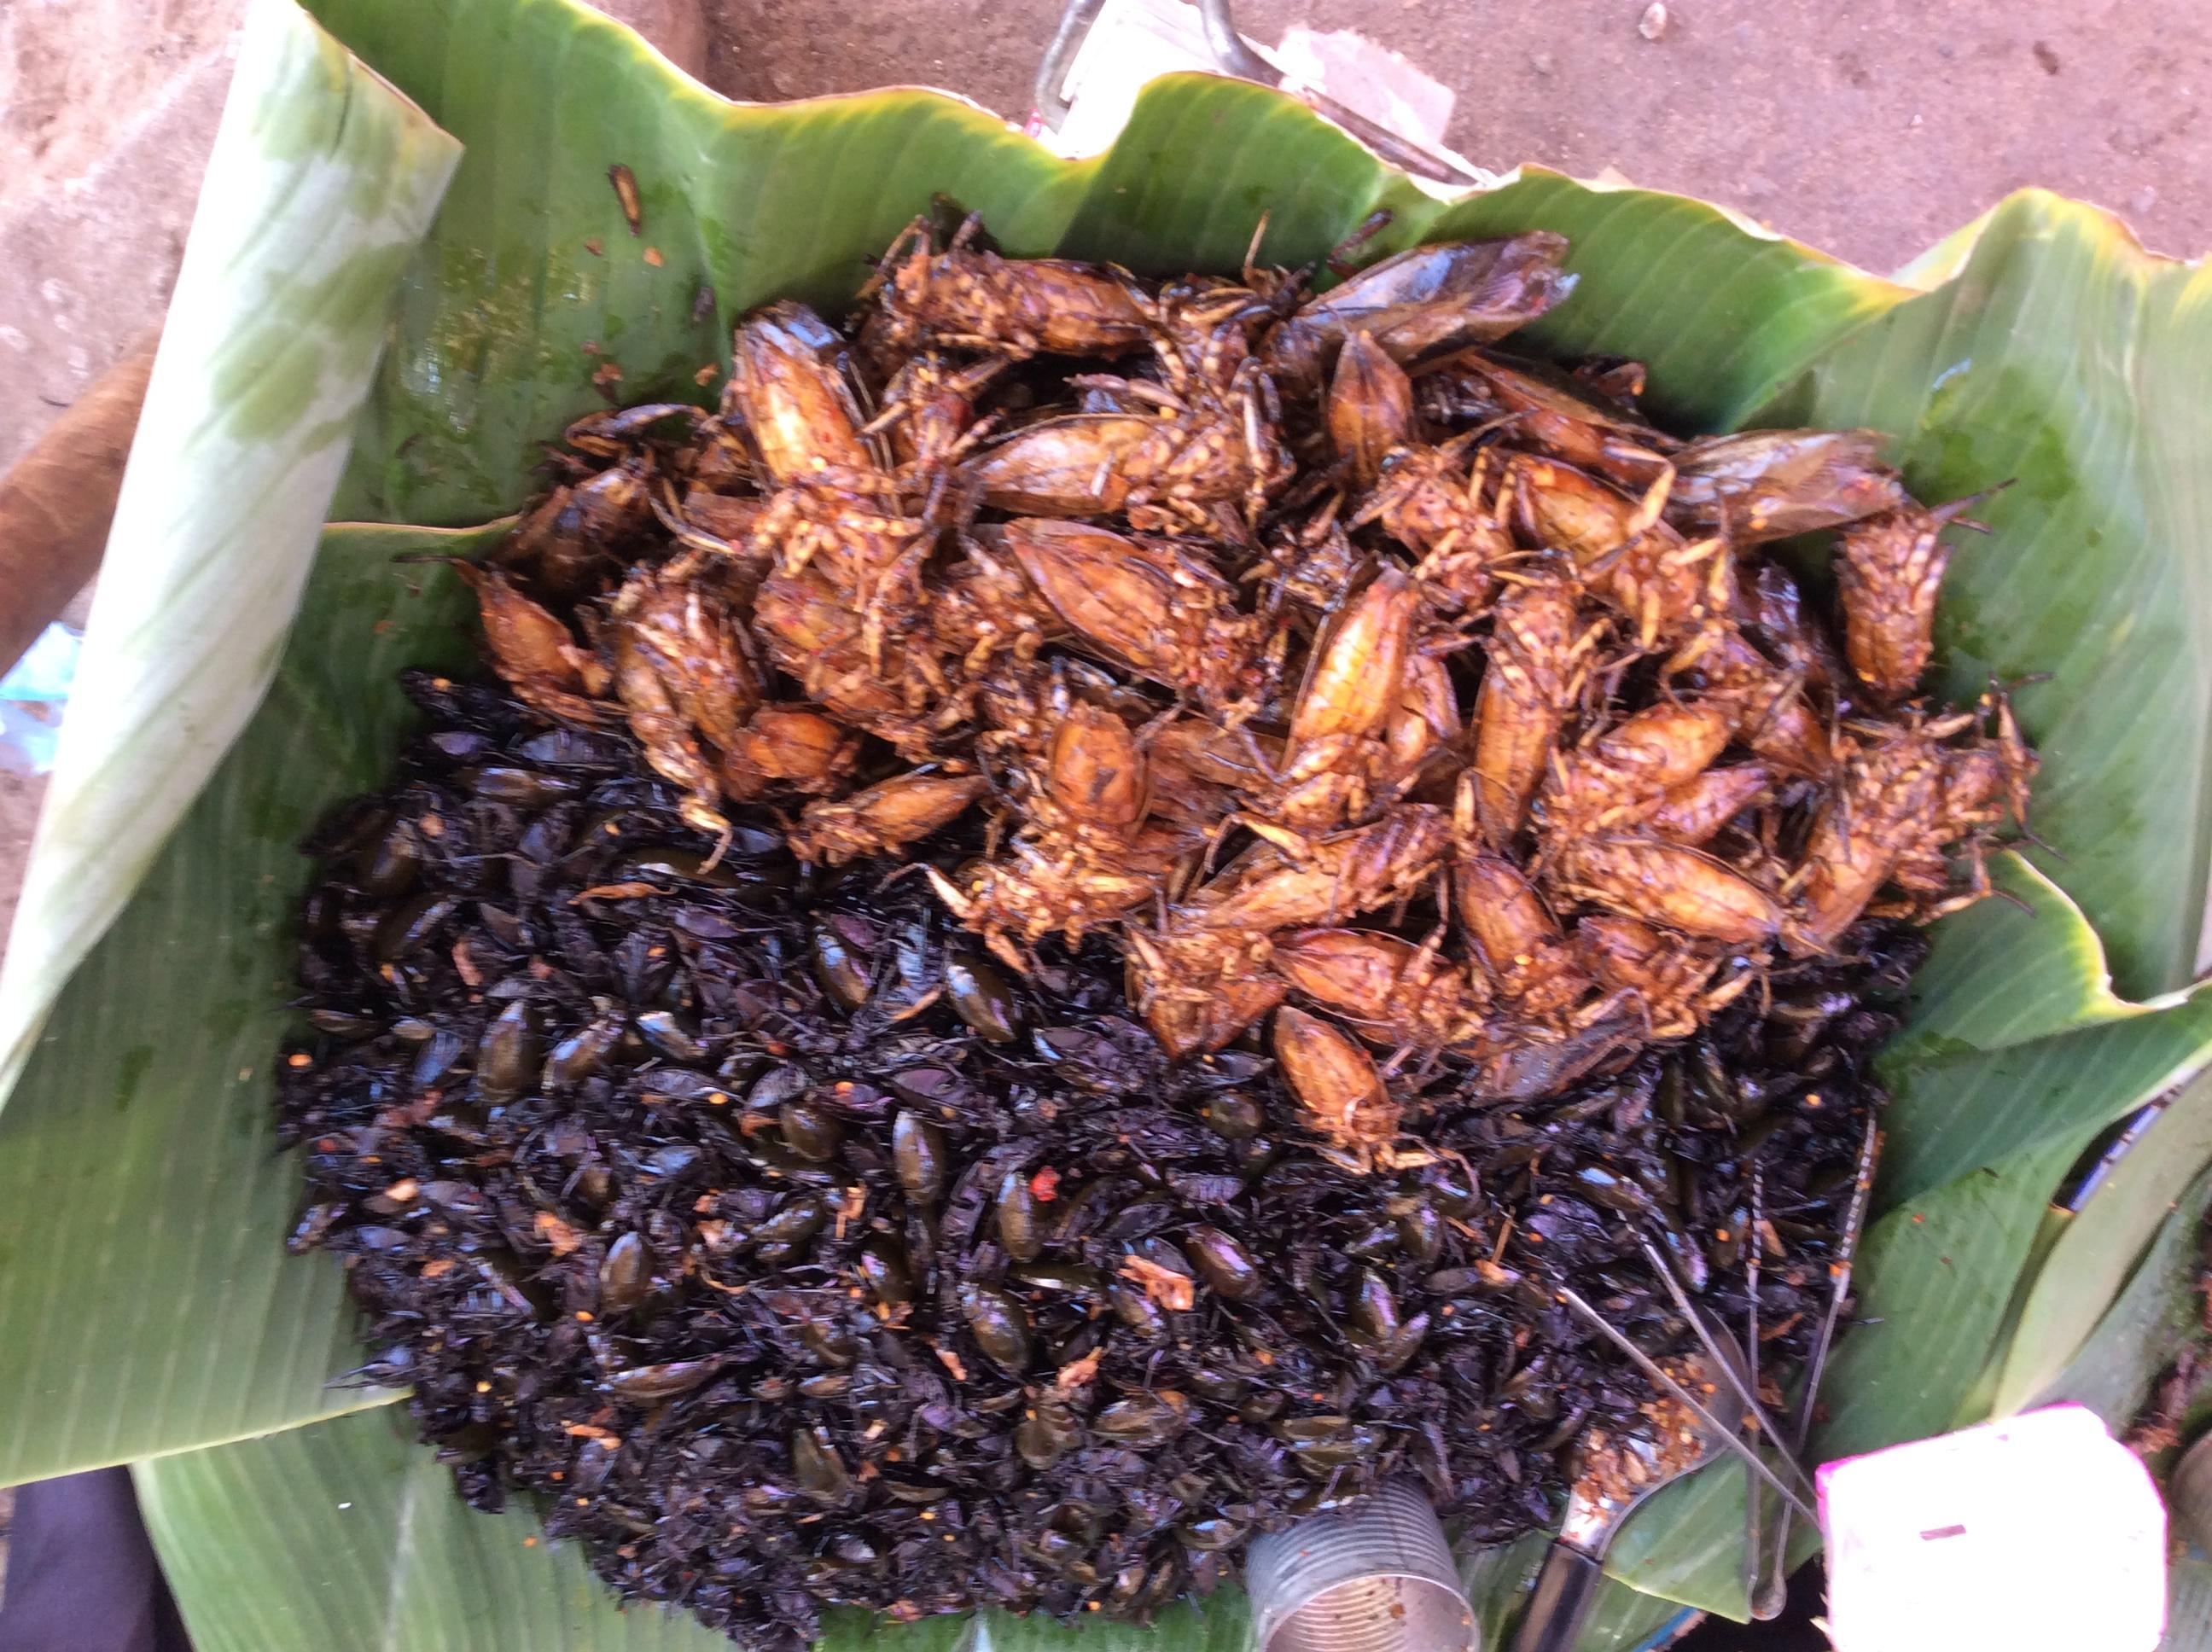 カンボジアの「虫やカエル」は超美味い(写真付き)